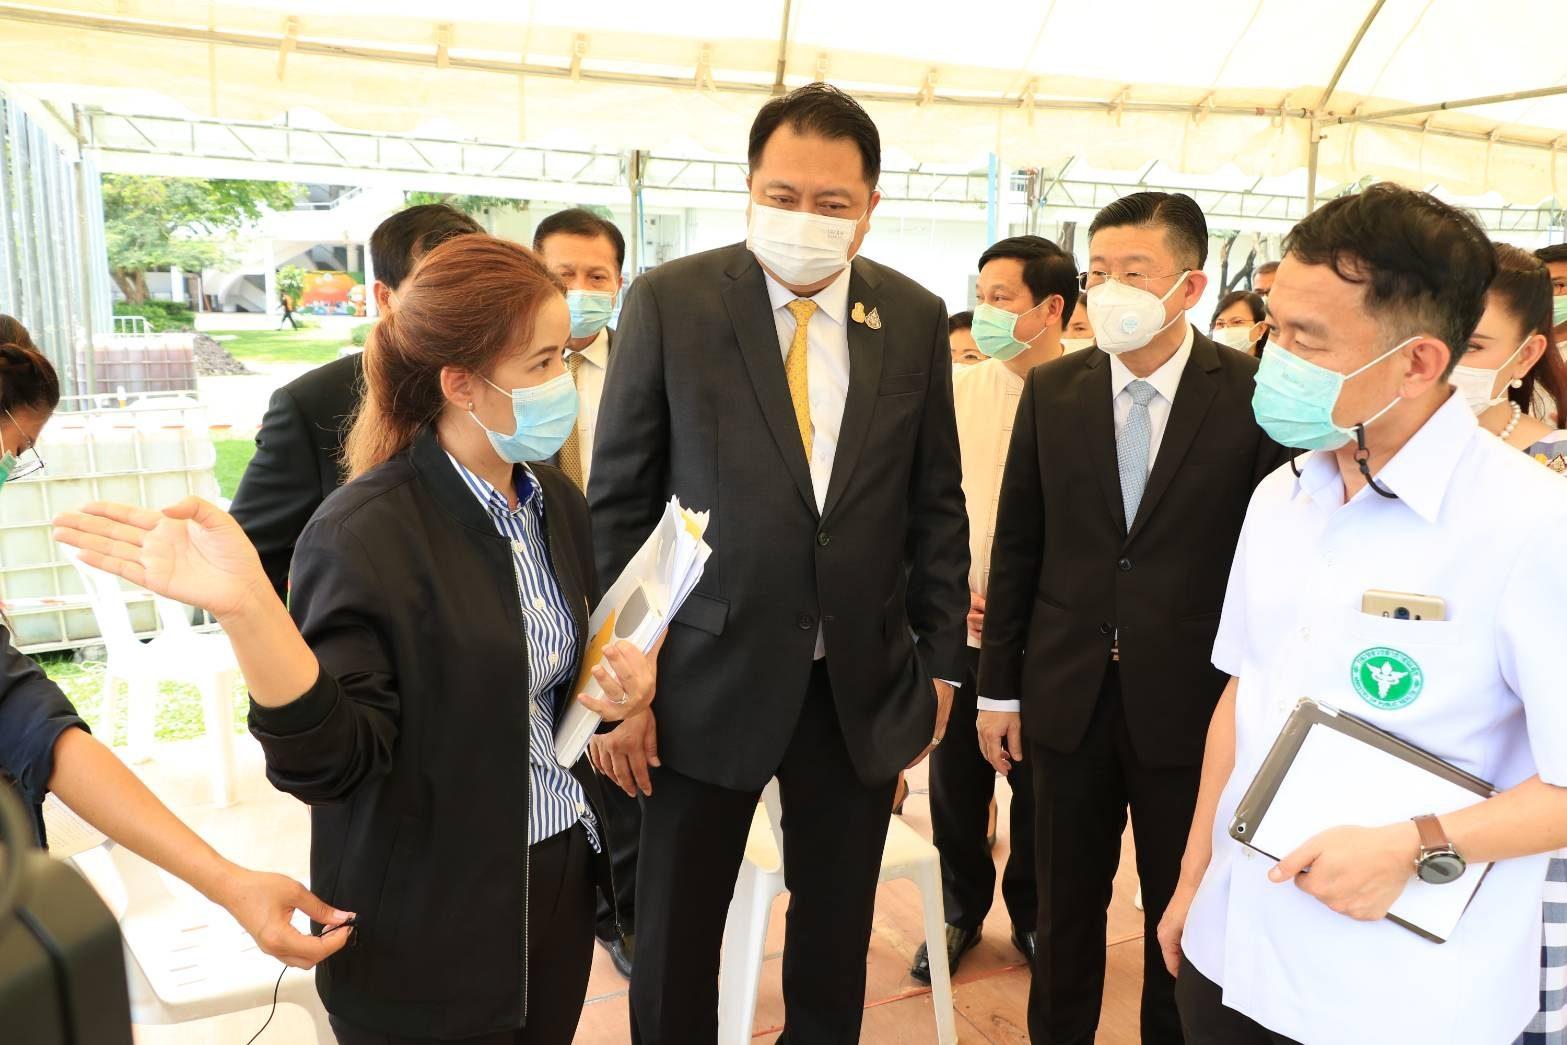 รมว.สุชาติ ยันศูนย์ฯไทย-ญี่ปุ่น พร้อมตรวจคัดกรองโควิด -19 ผู้ประกันตน เริ่ม 17 เม.ย.นี้